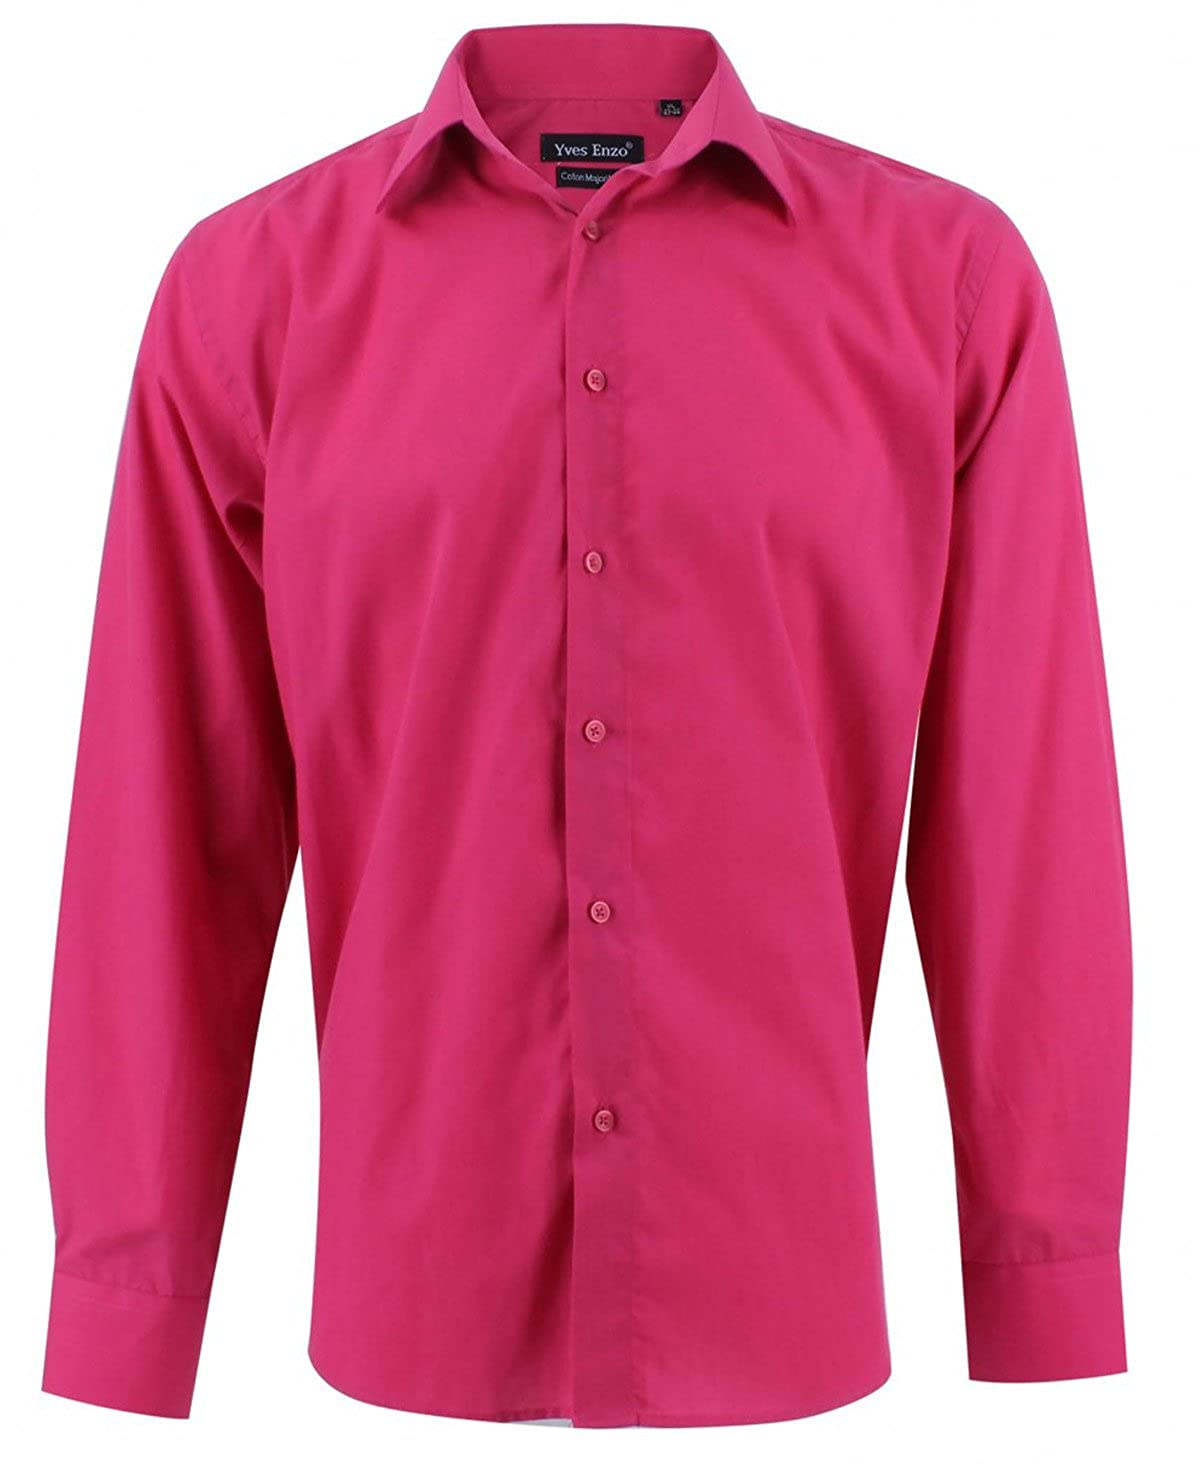 Enzo Camisa Hombre Cl/ásico Regular Fit Color S/ólido con Mangas Largas de S a XXL